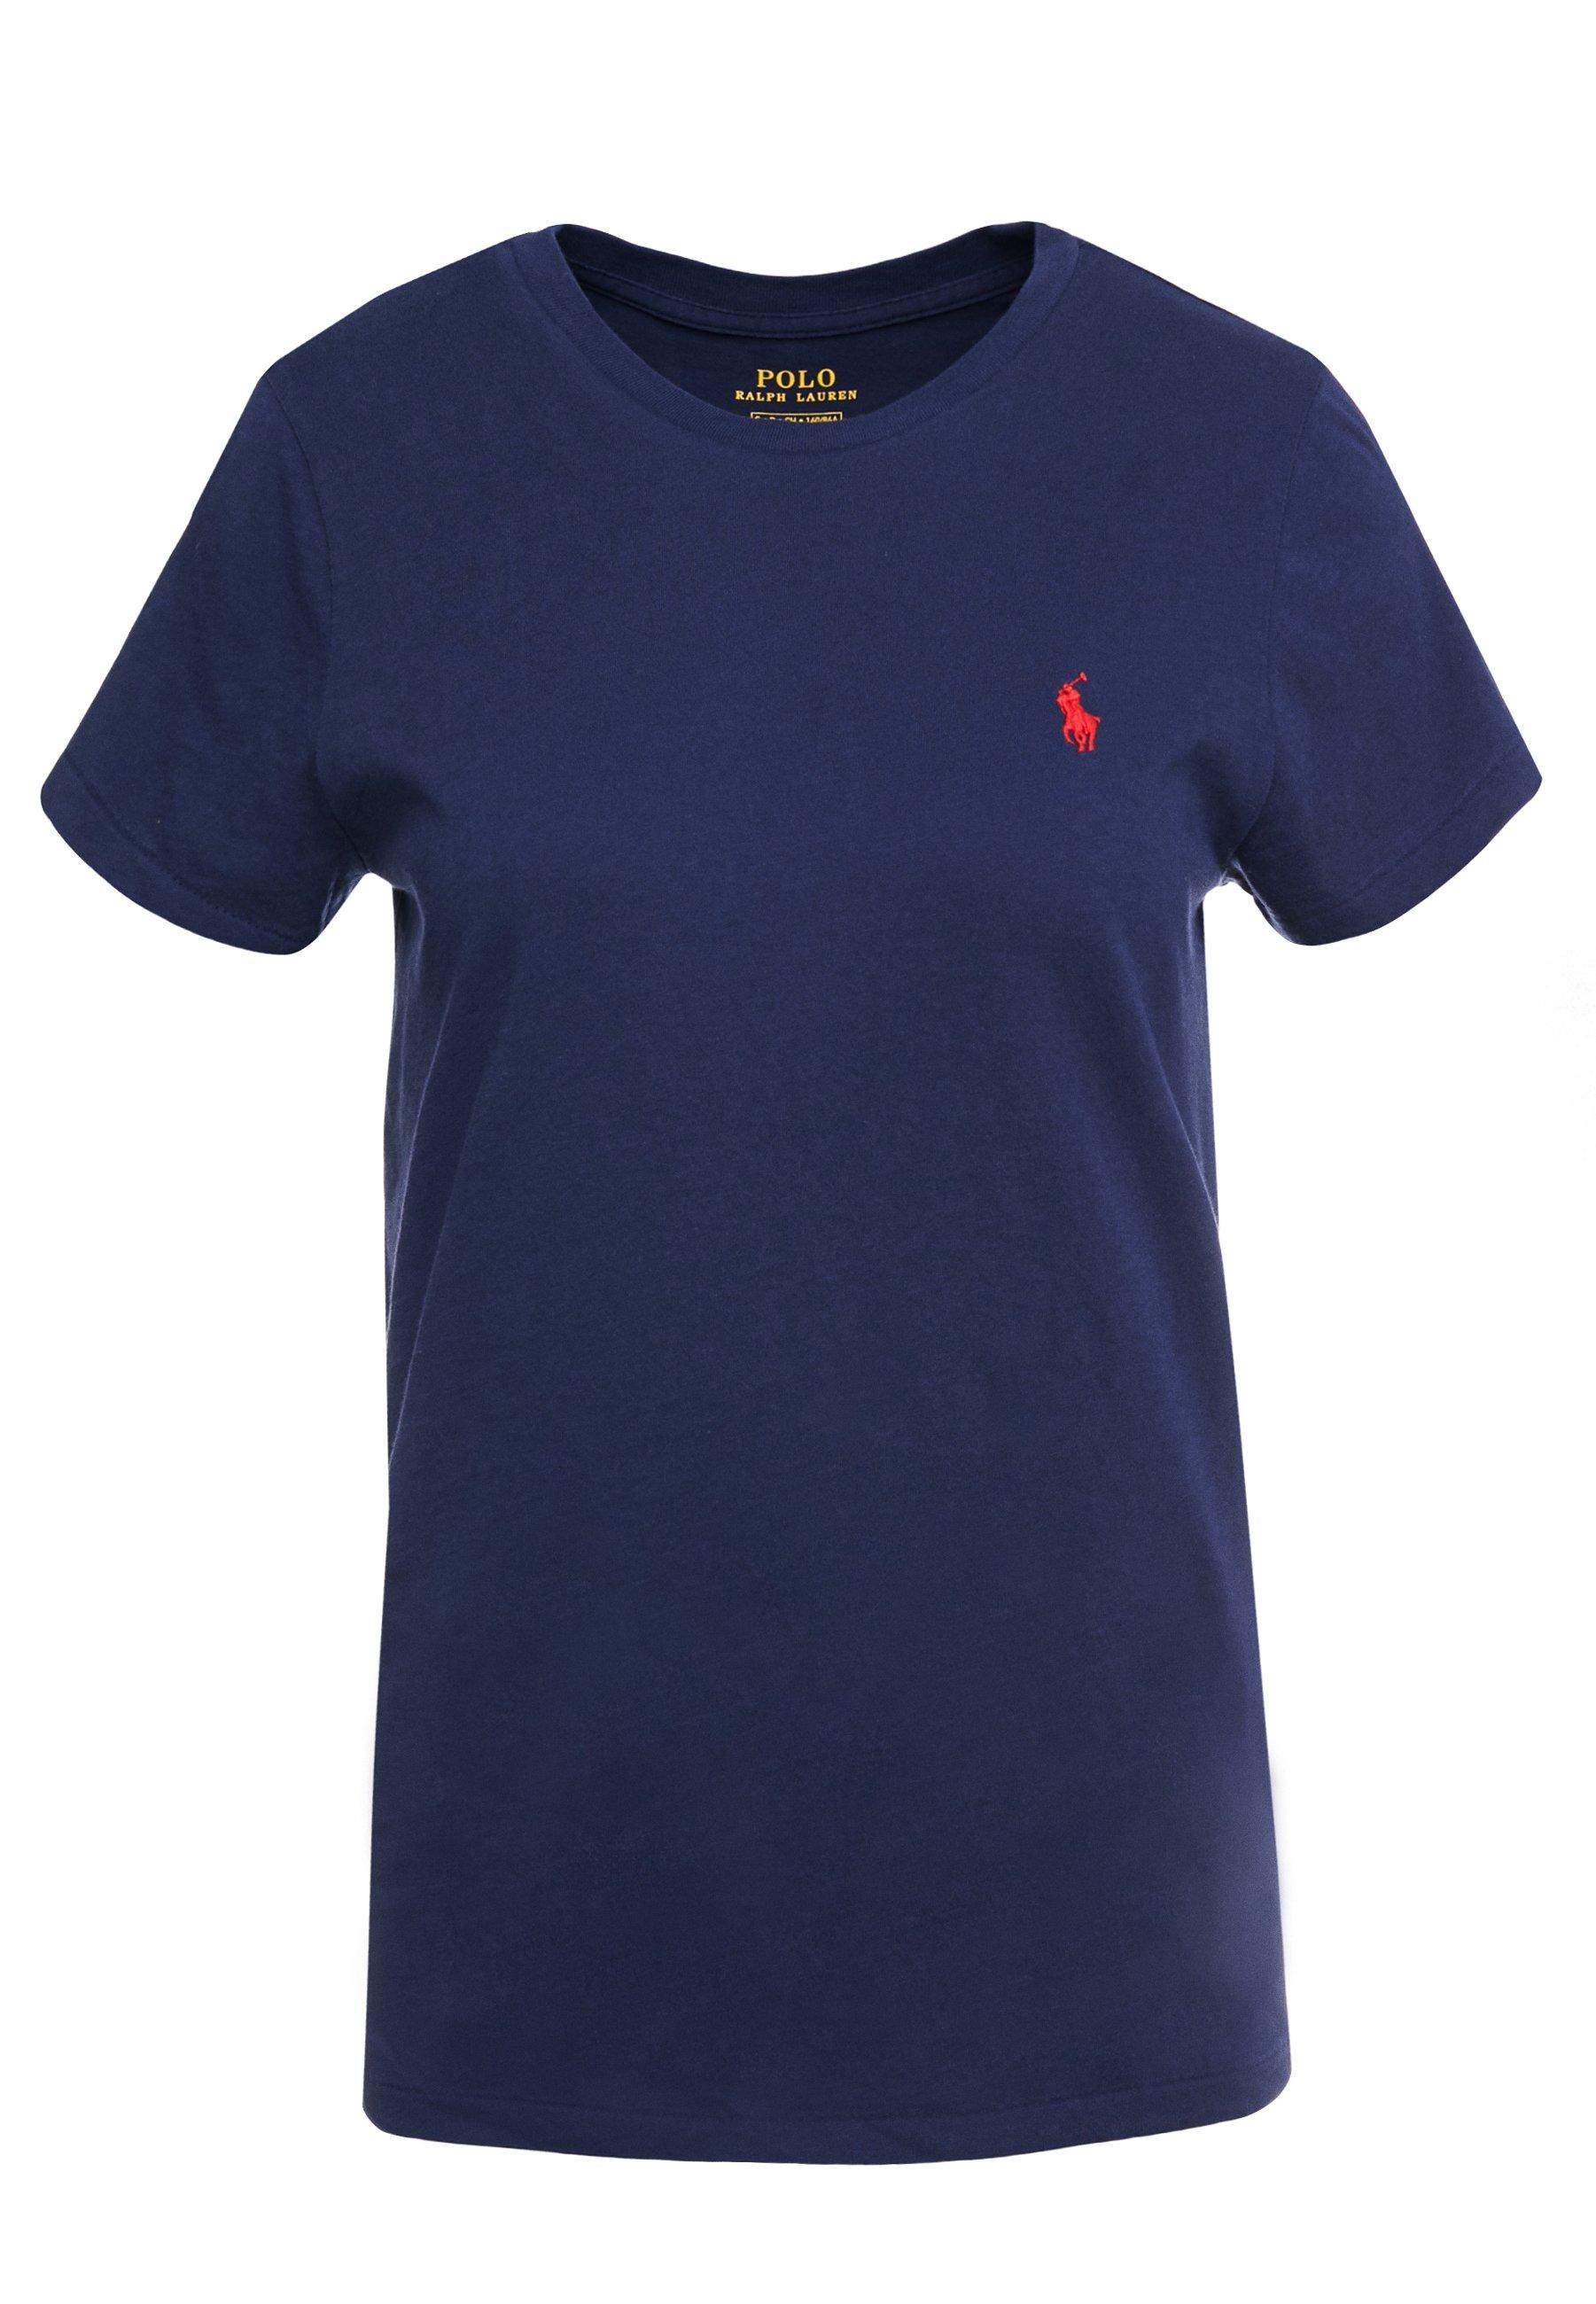 Polo Ralph Lauren Tee Short Sleeve - T-shirt Basic Cruise Navy fV0kch2